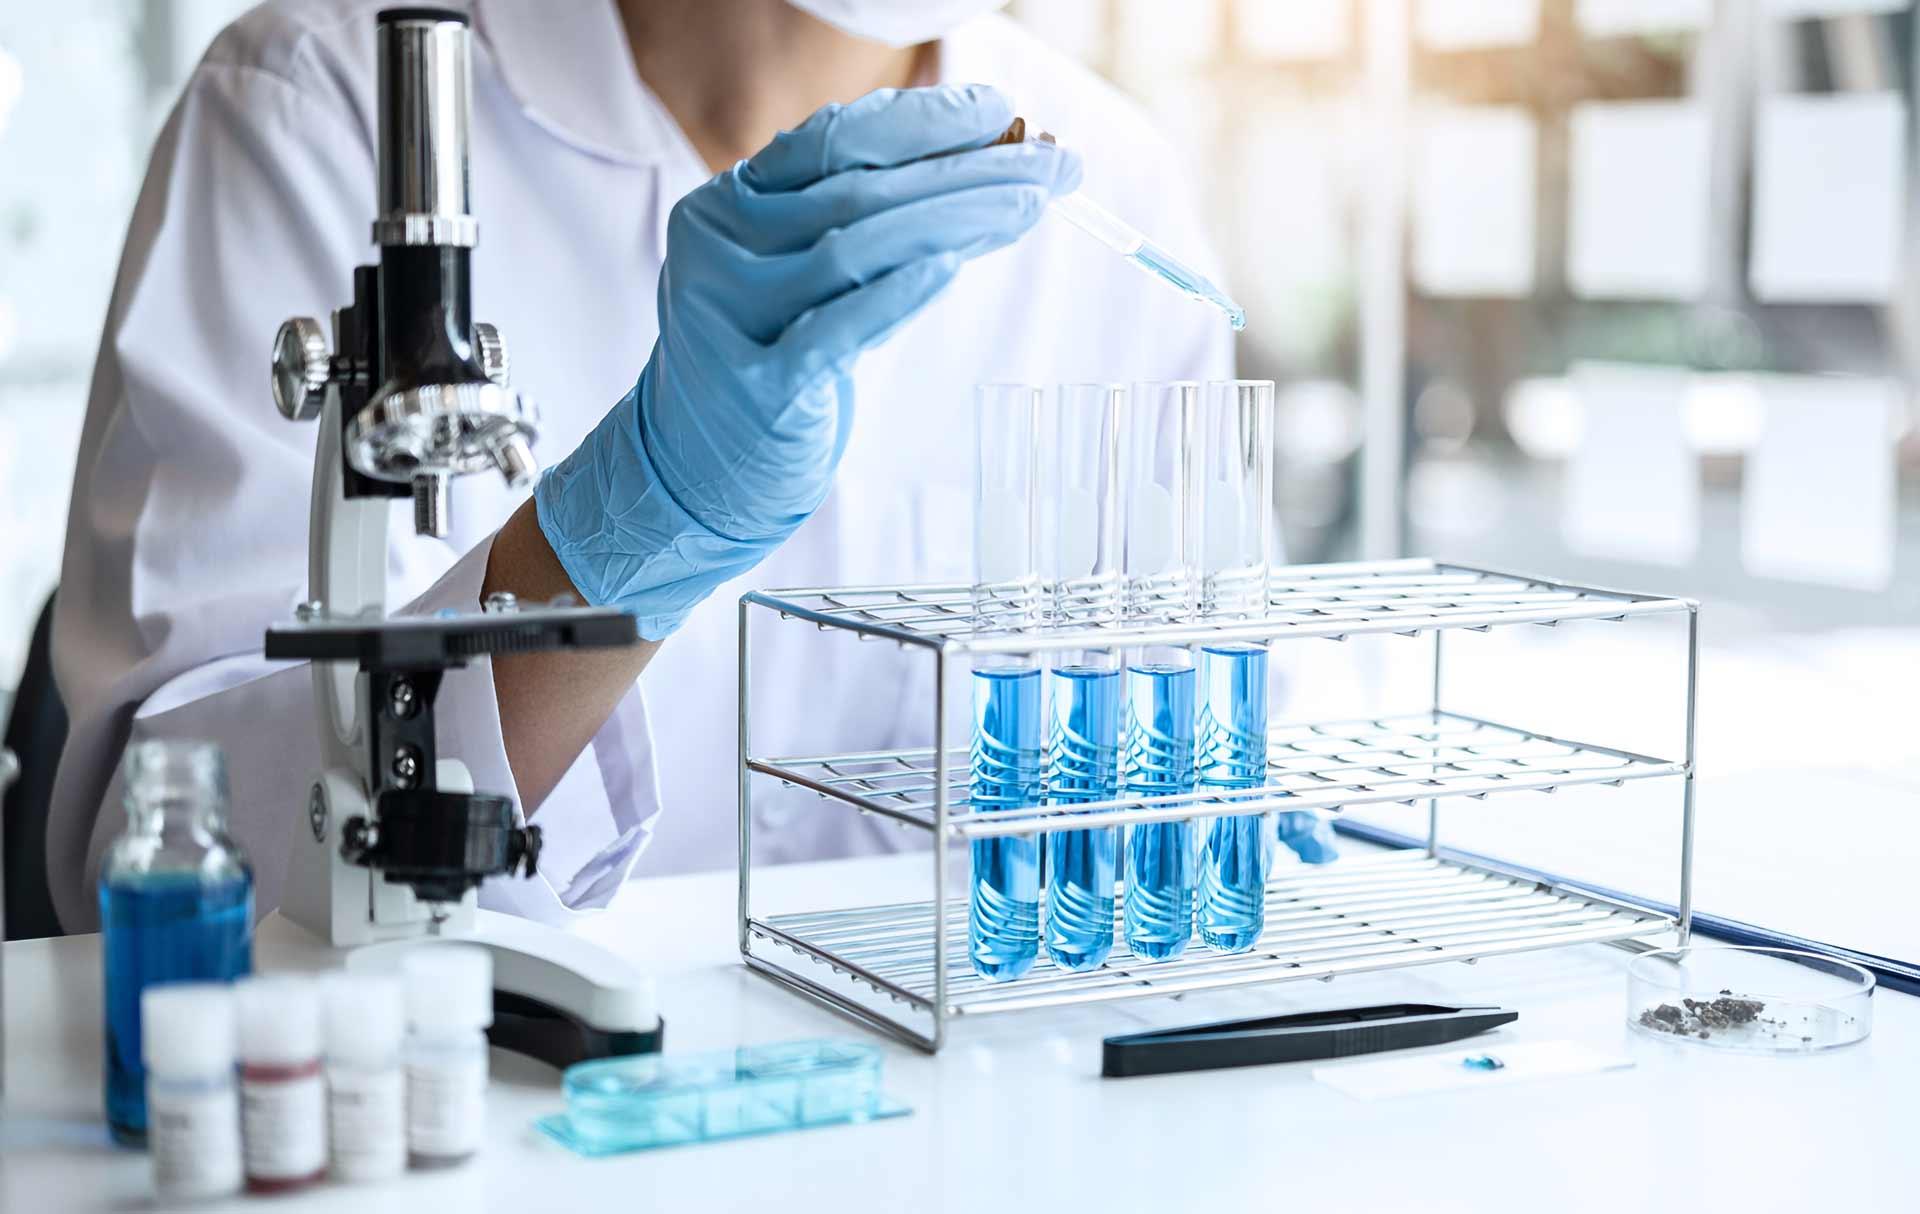 Borse-di-studio-e-contratti-per-medici-oncologici